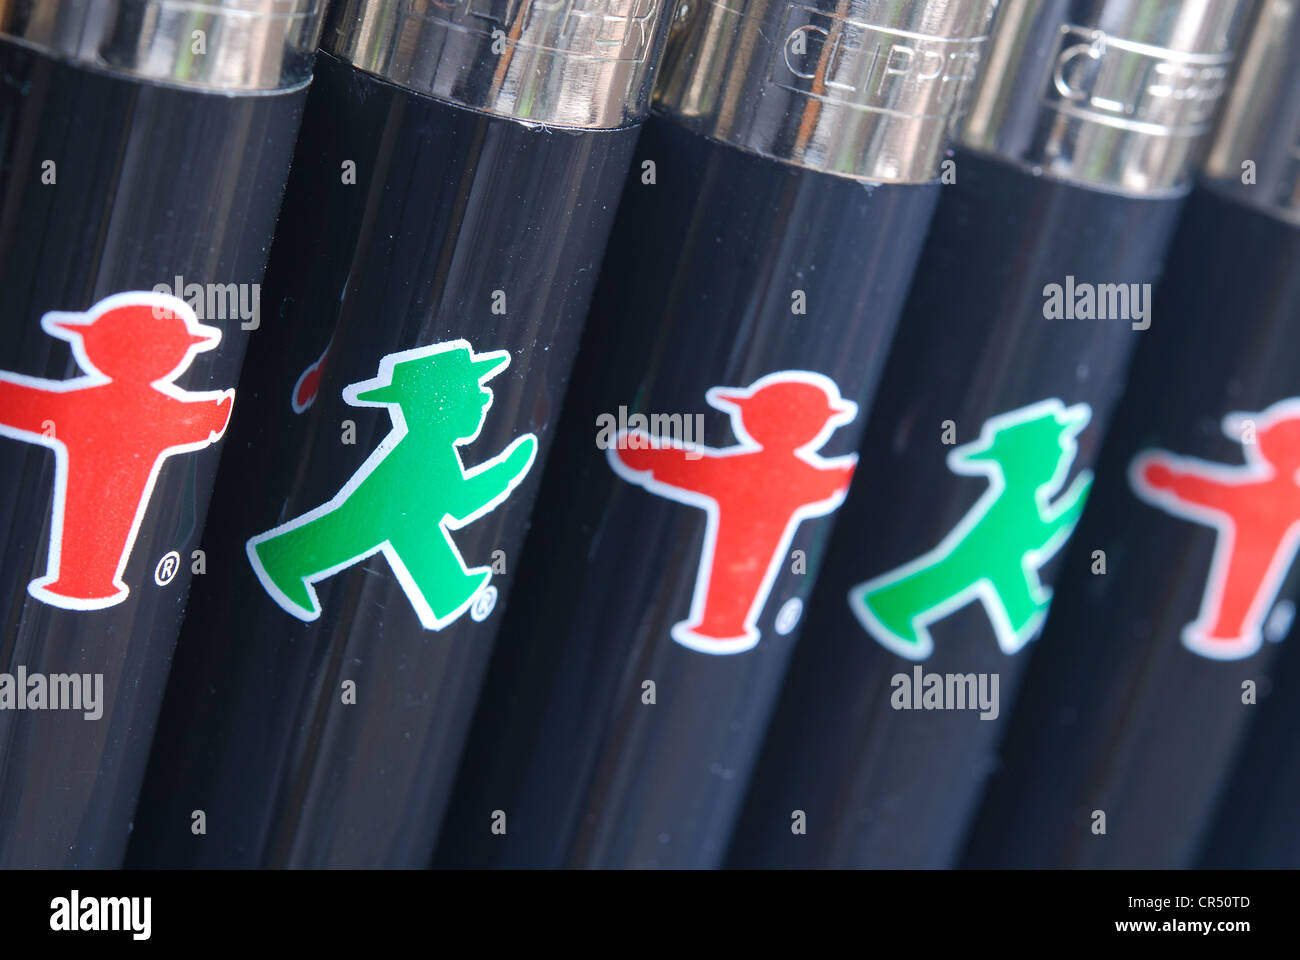 BERLIN, DEUTSCHLAND. Ampelmann-Feuerzeuge aus dem Ampelmann Galerie Shop. 2012. Stockfoto